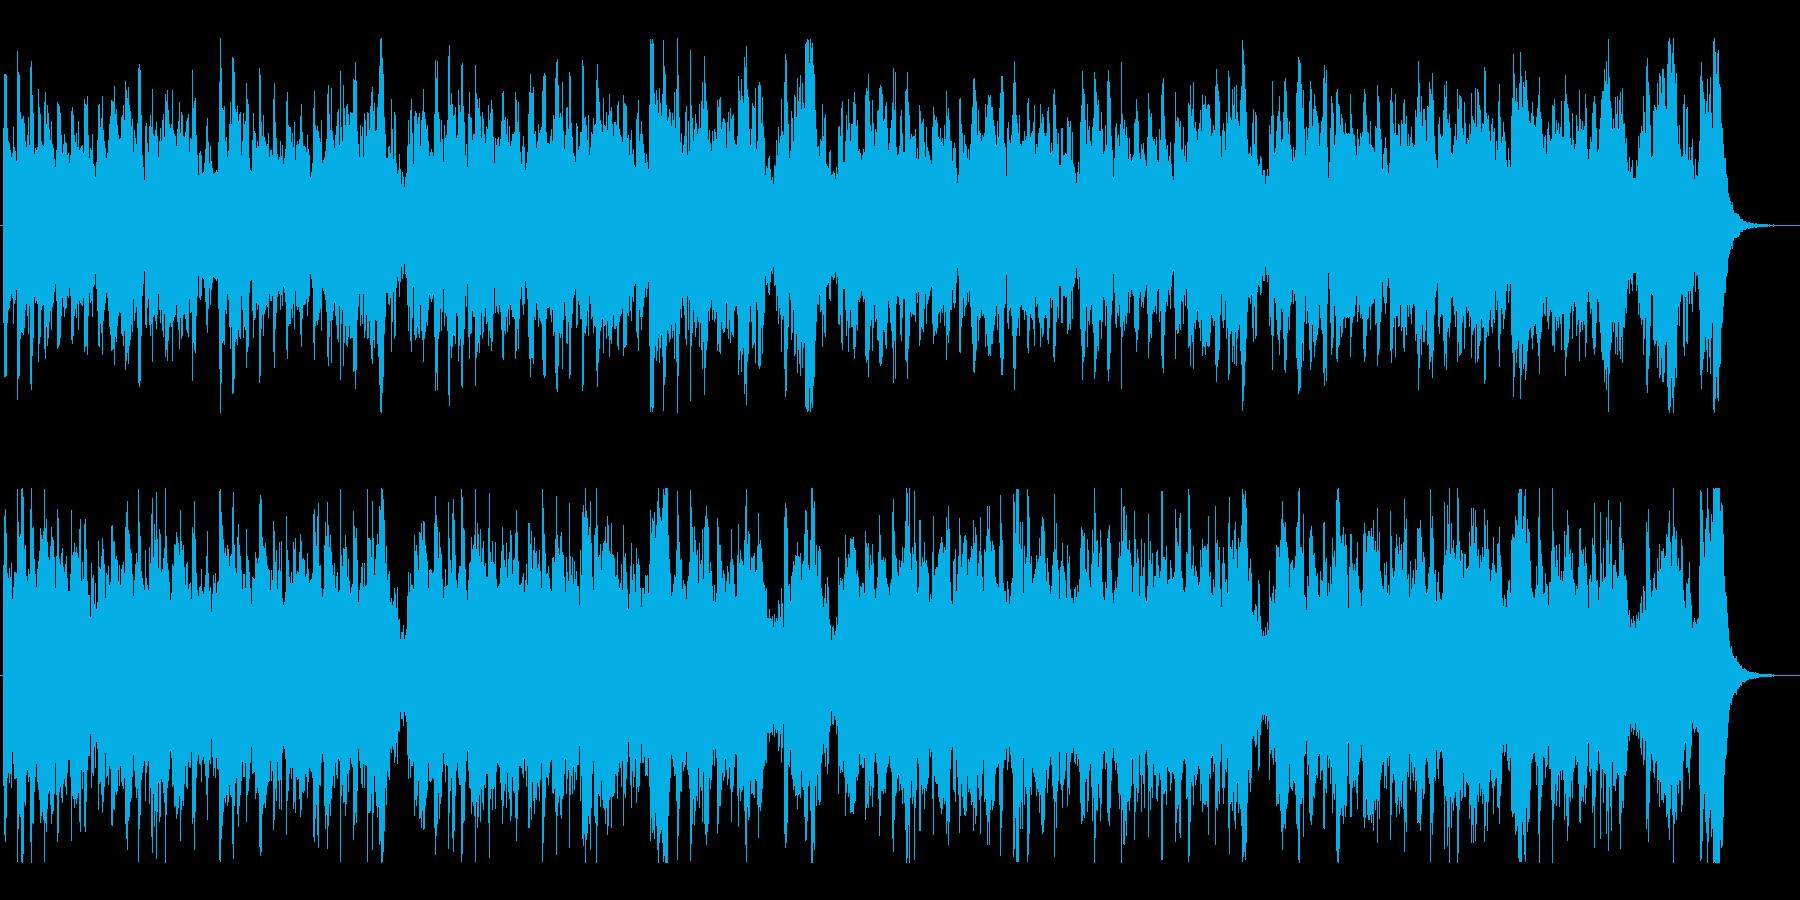 ディズニー風・吹奏楽マーチ曲の再生済みの波形